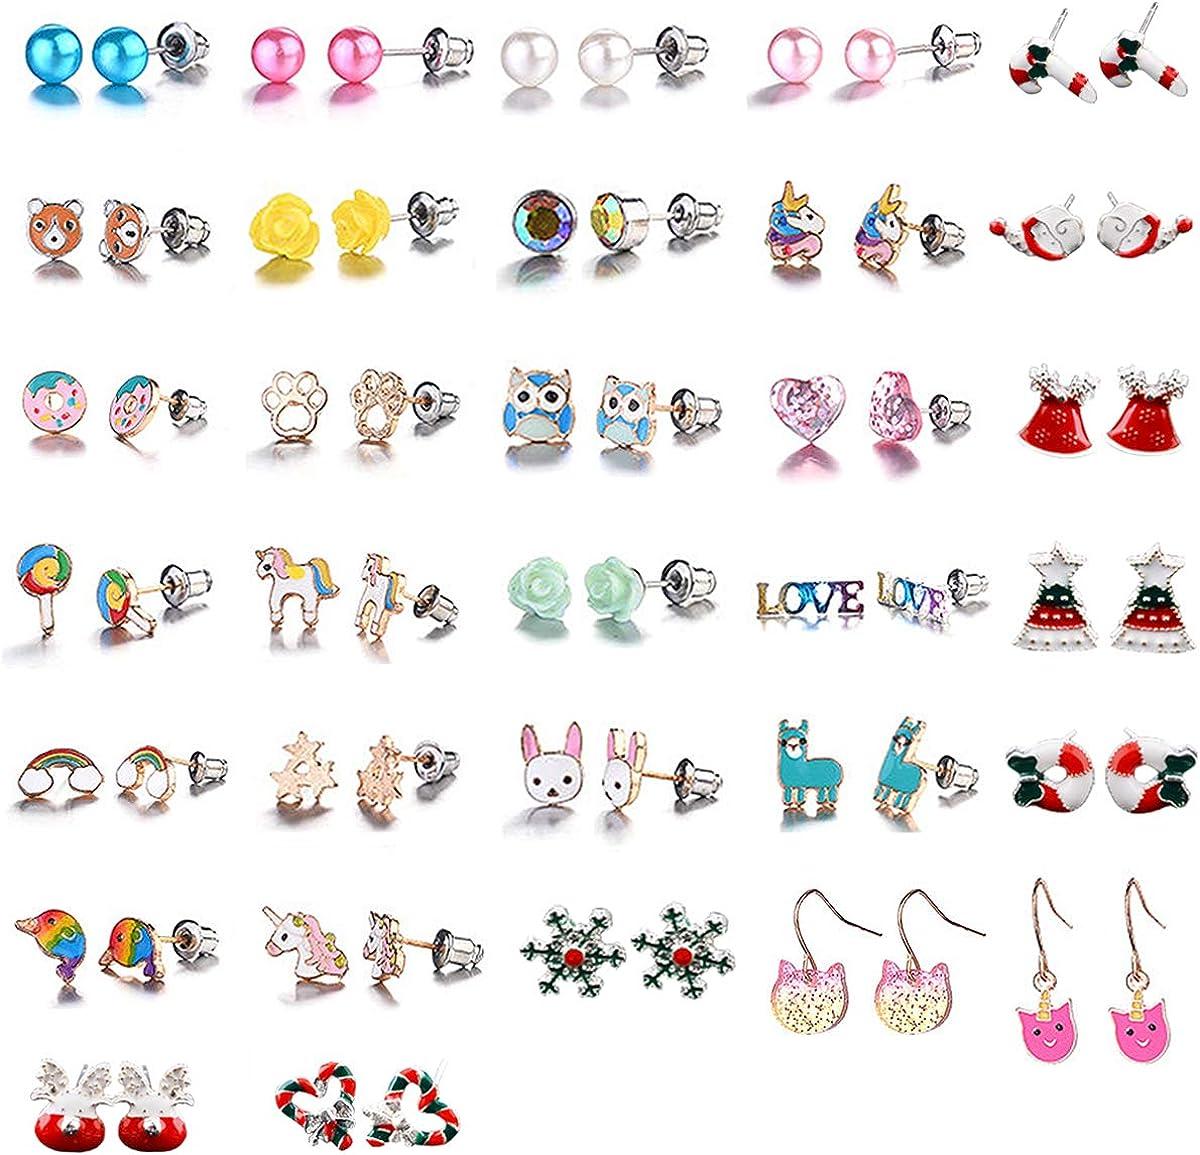 Hypoallergenic Earrings for Girls Kids, Colorful Stud Earrings, Animal Alpaca Rainbow Unicorn Cute Earring Jewelry Set Gifts for Girls Kids Women